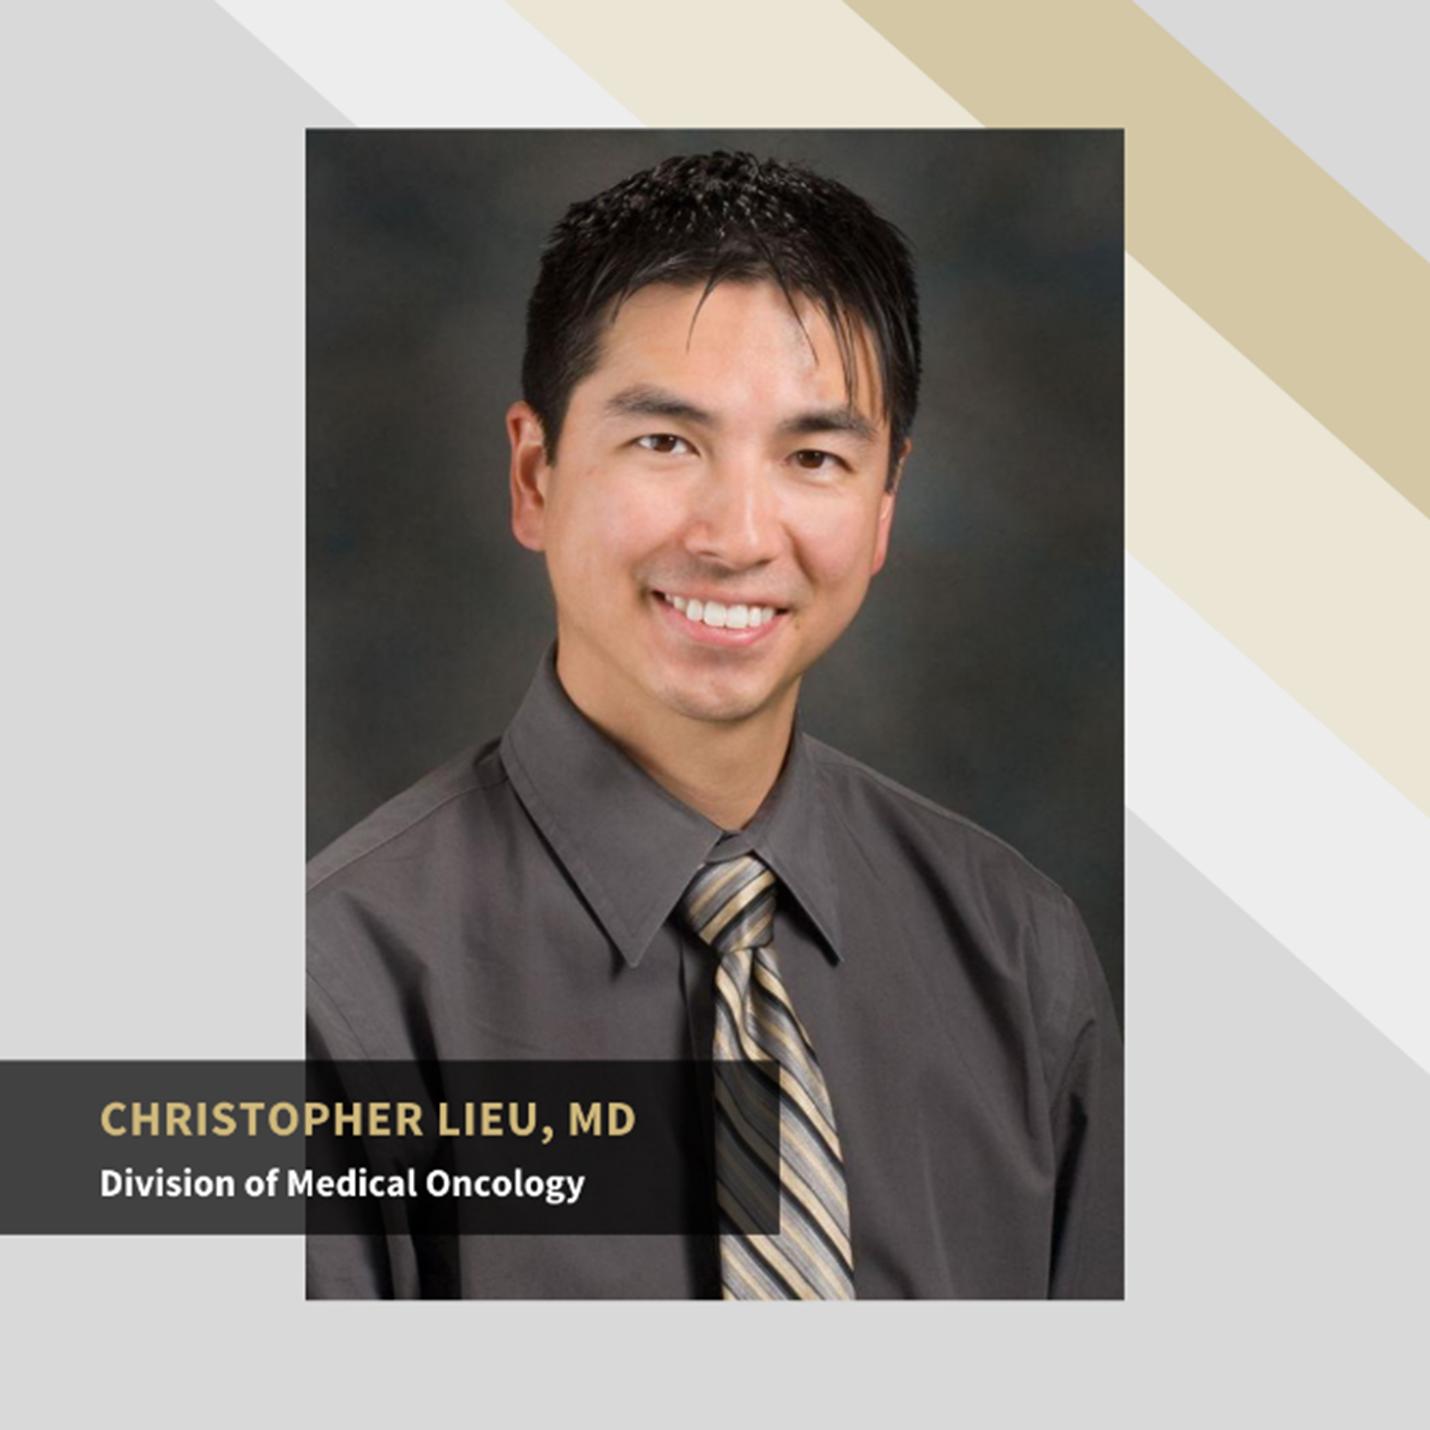 Chris Lieu